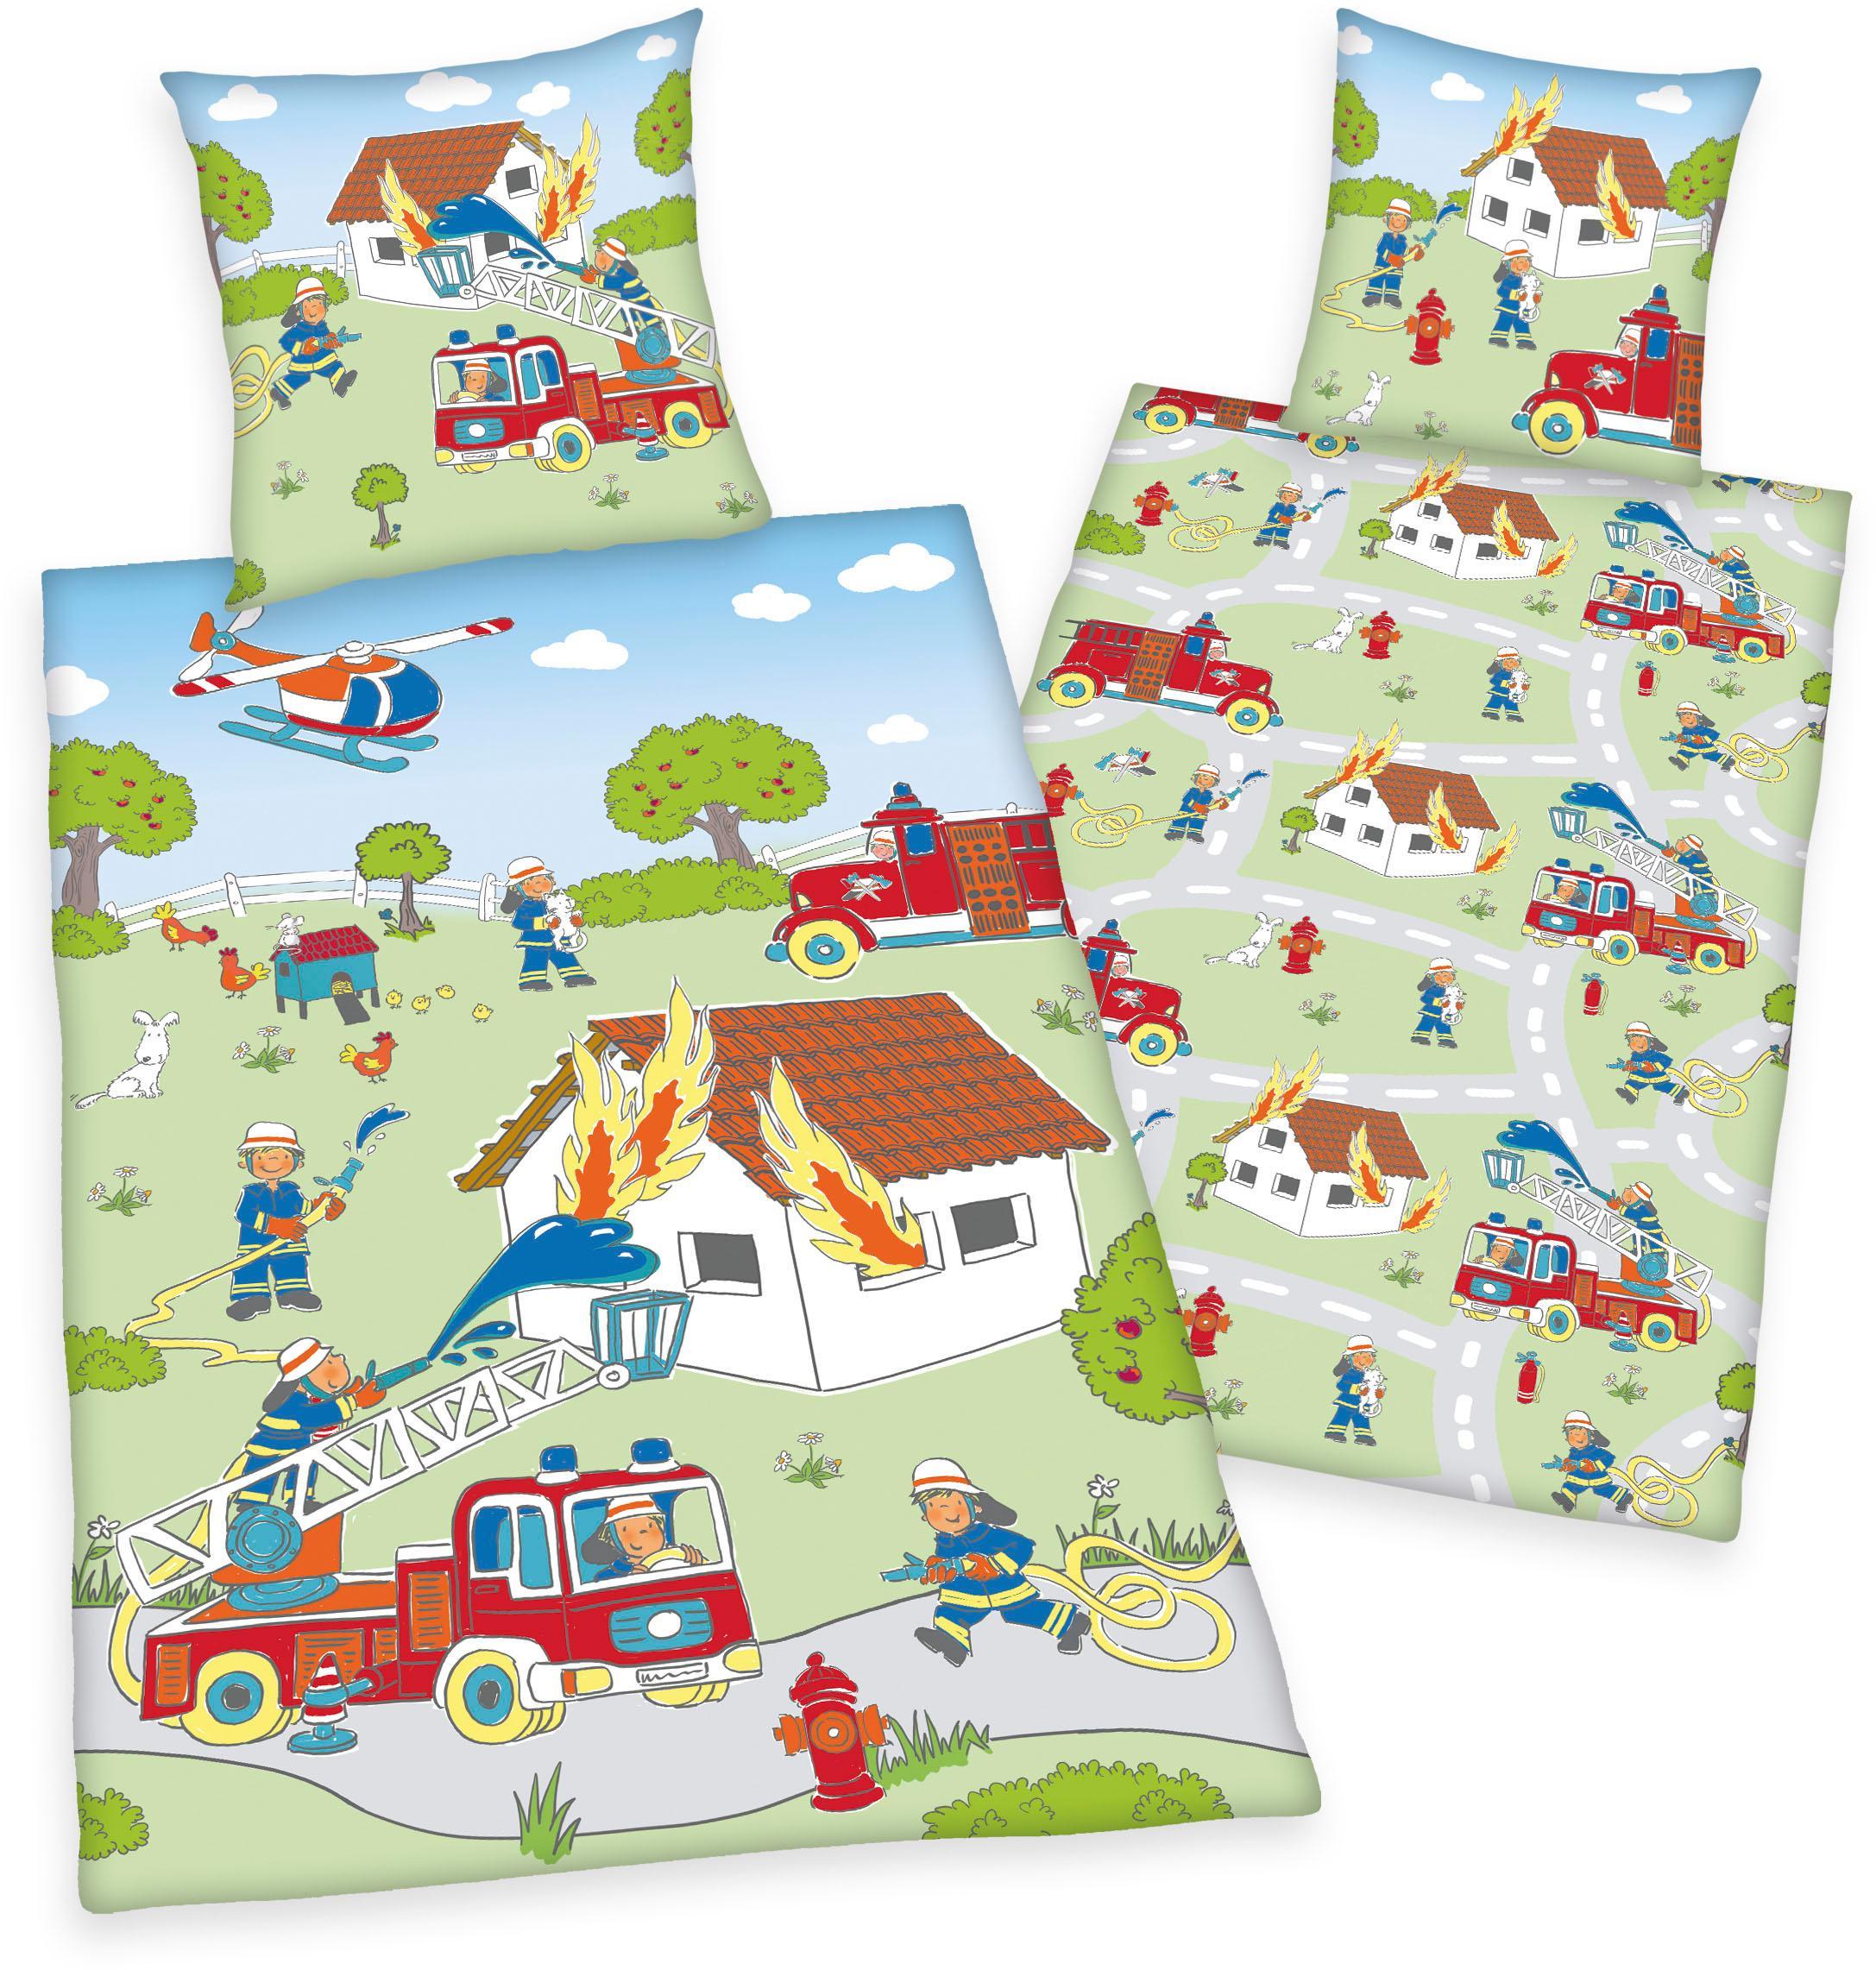 Kinderbettwäsche Young Collection Feuerwehr Herding Young Collection | Kinderzimmer > Textilien für Kinder > Kinderbettwäsche | Grün | Herding Young Collection